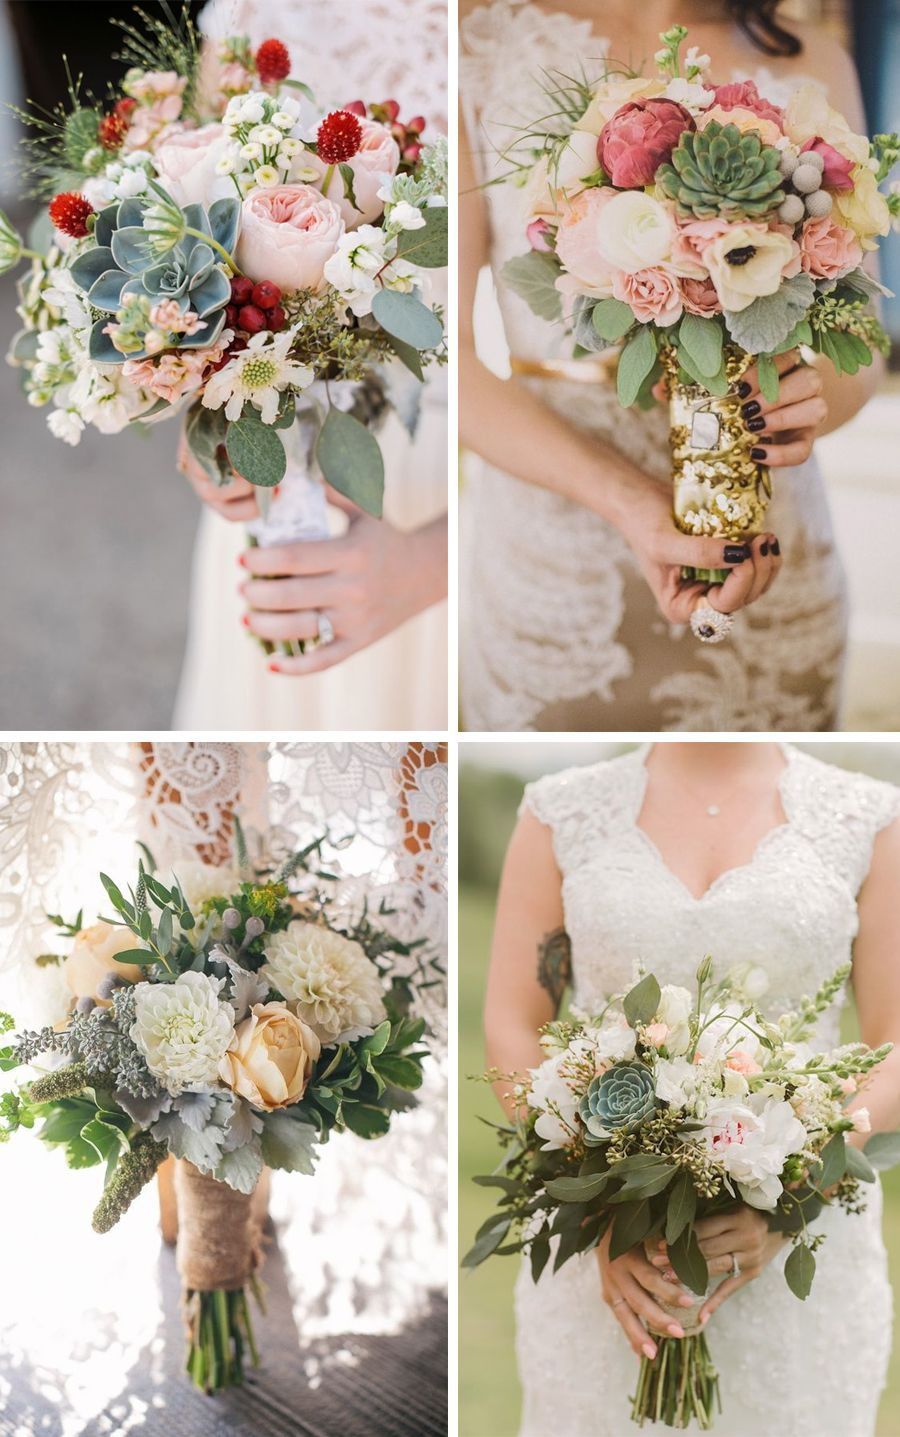 Diário de noiva  Casamento Rústico Chique  9227d7fab13